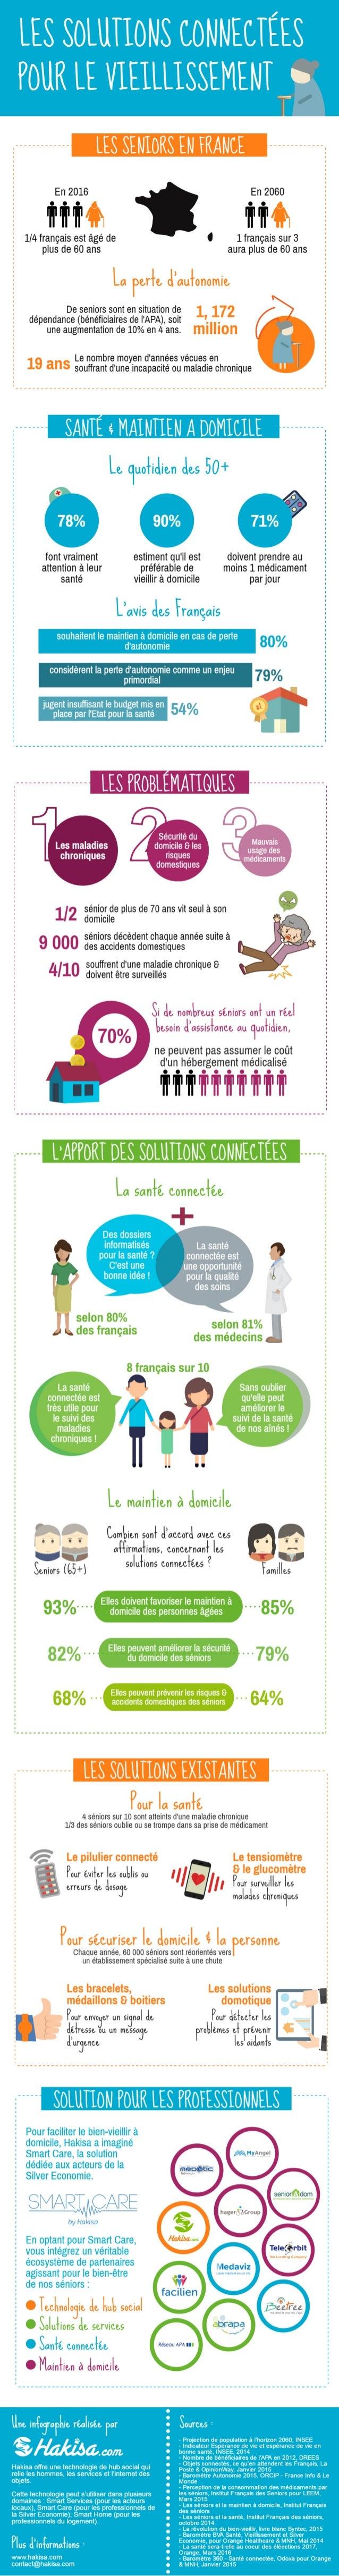 Infographie : les solutions connectées pour s'adapter au vieillissement